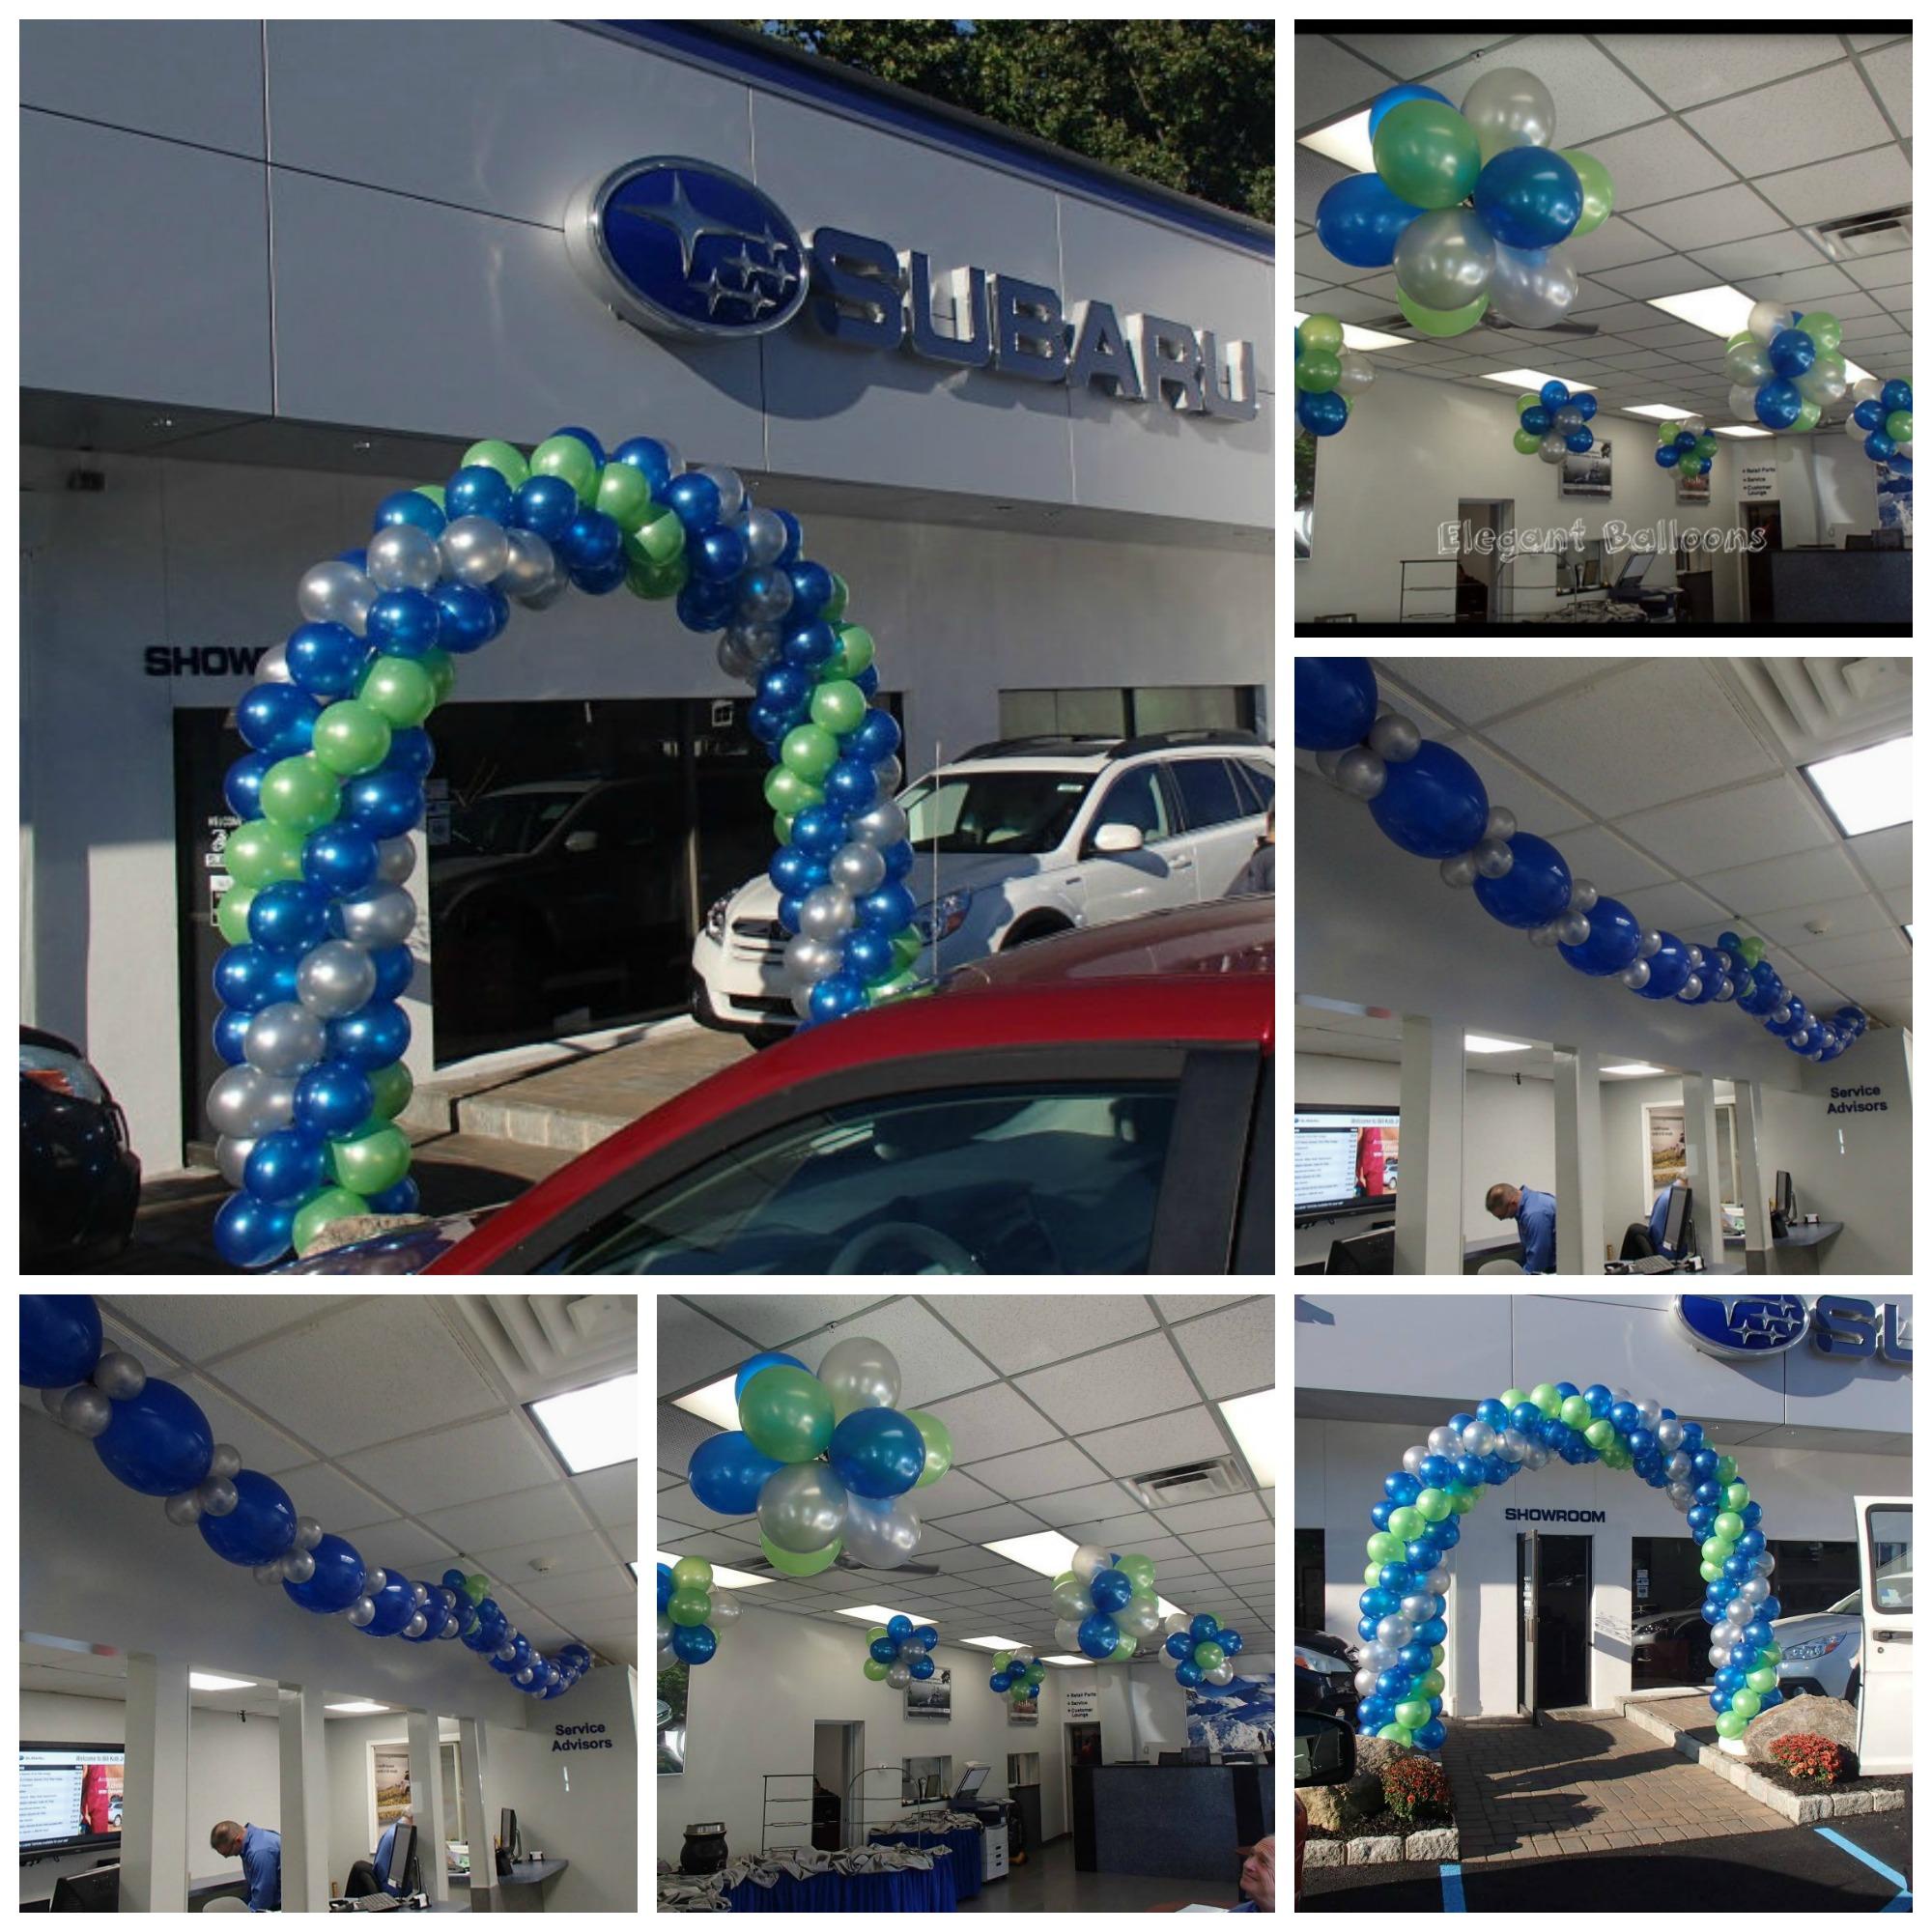 Subaru Grand Opening